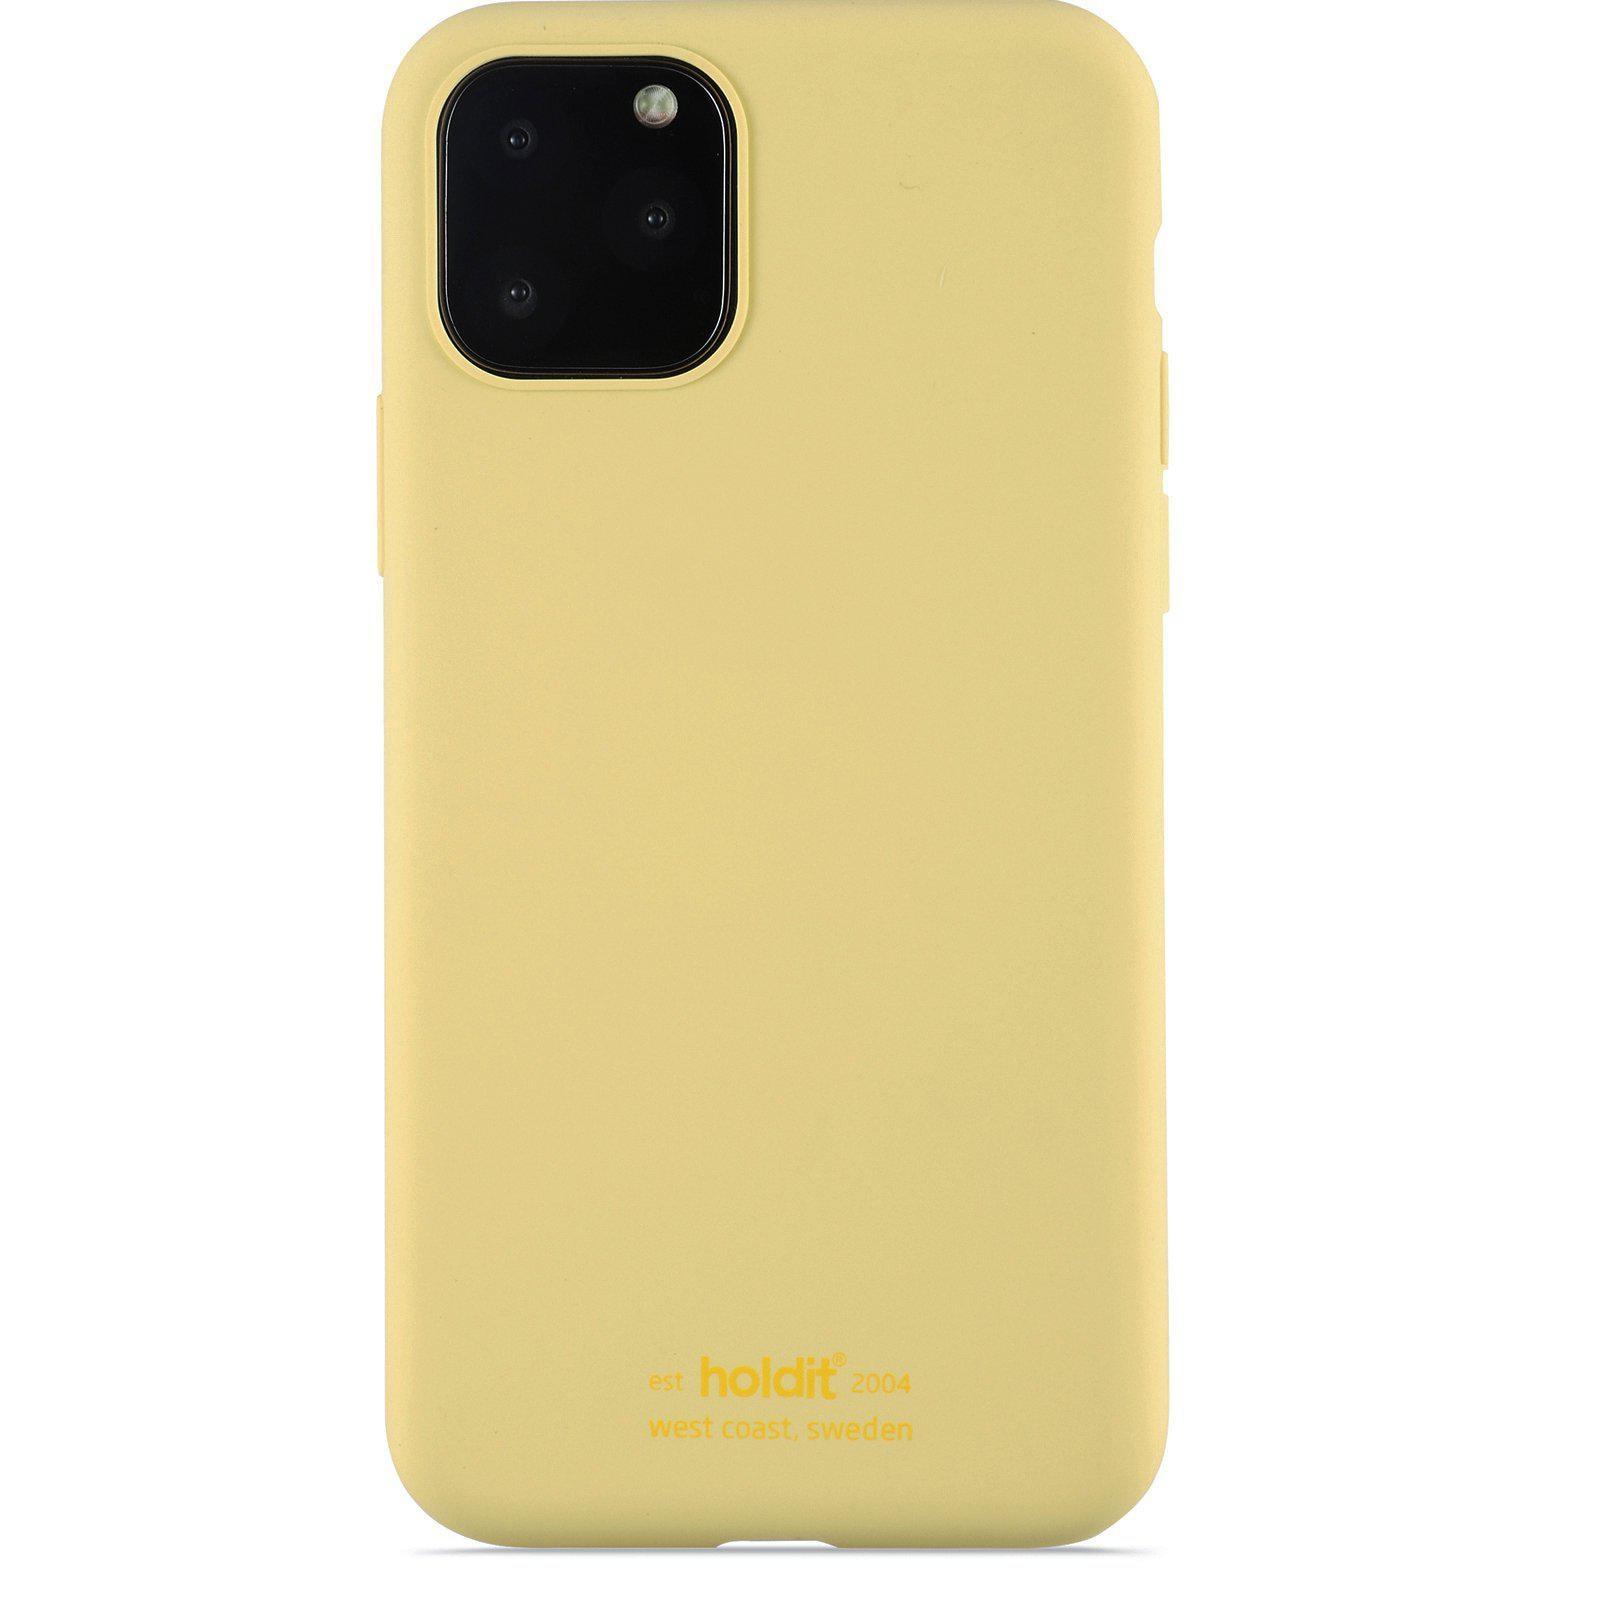 Deksel Silikon iPhone 11 Pro/XS/X Gul